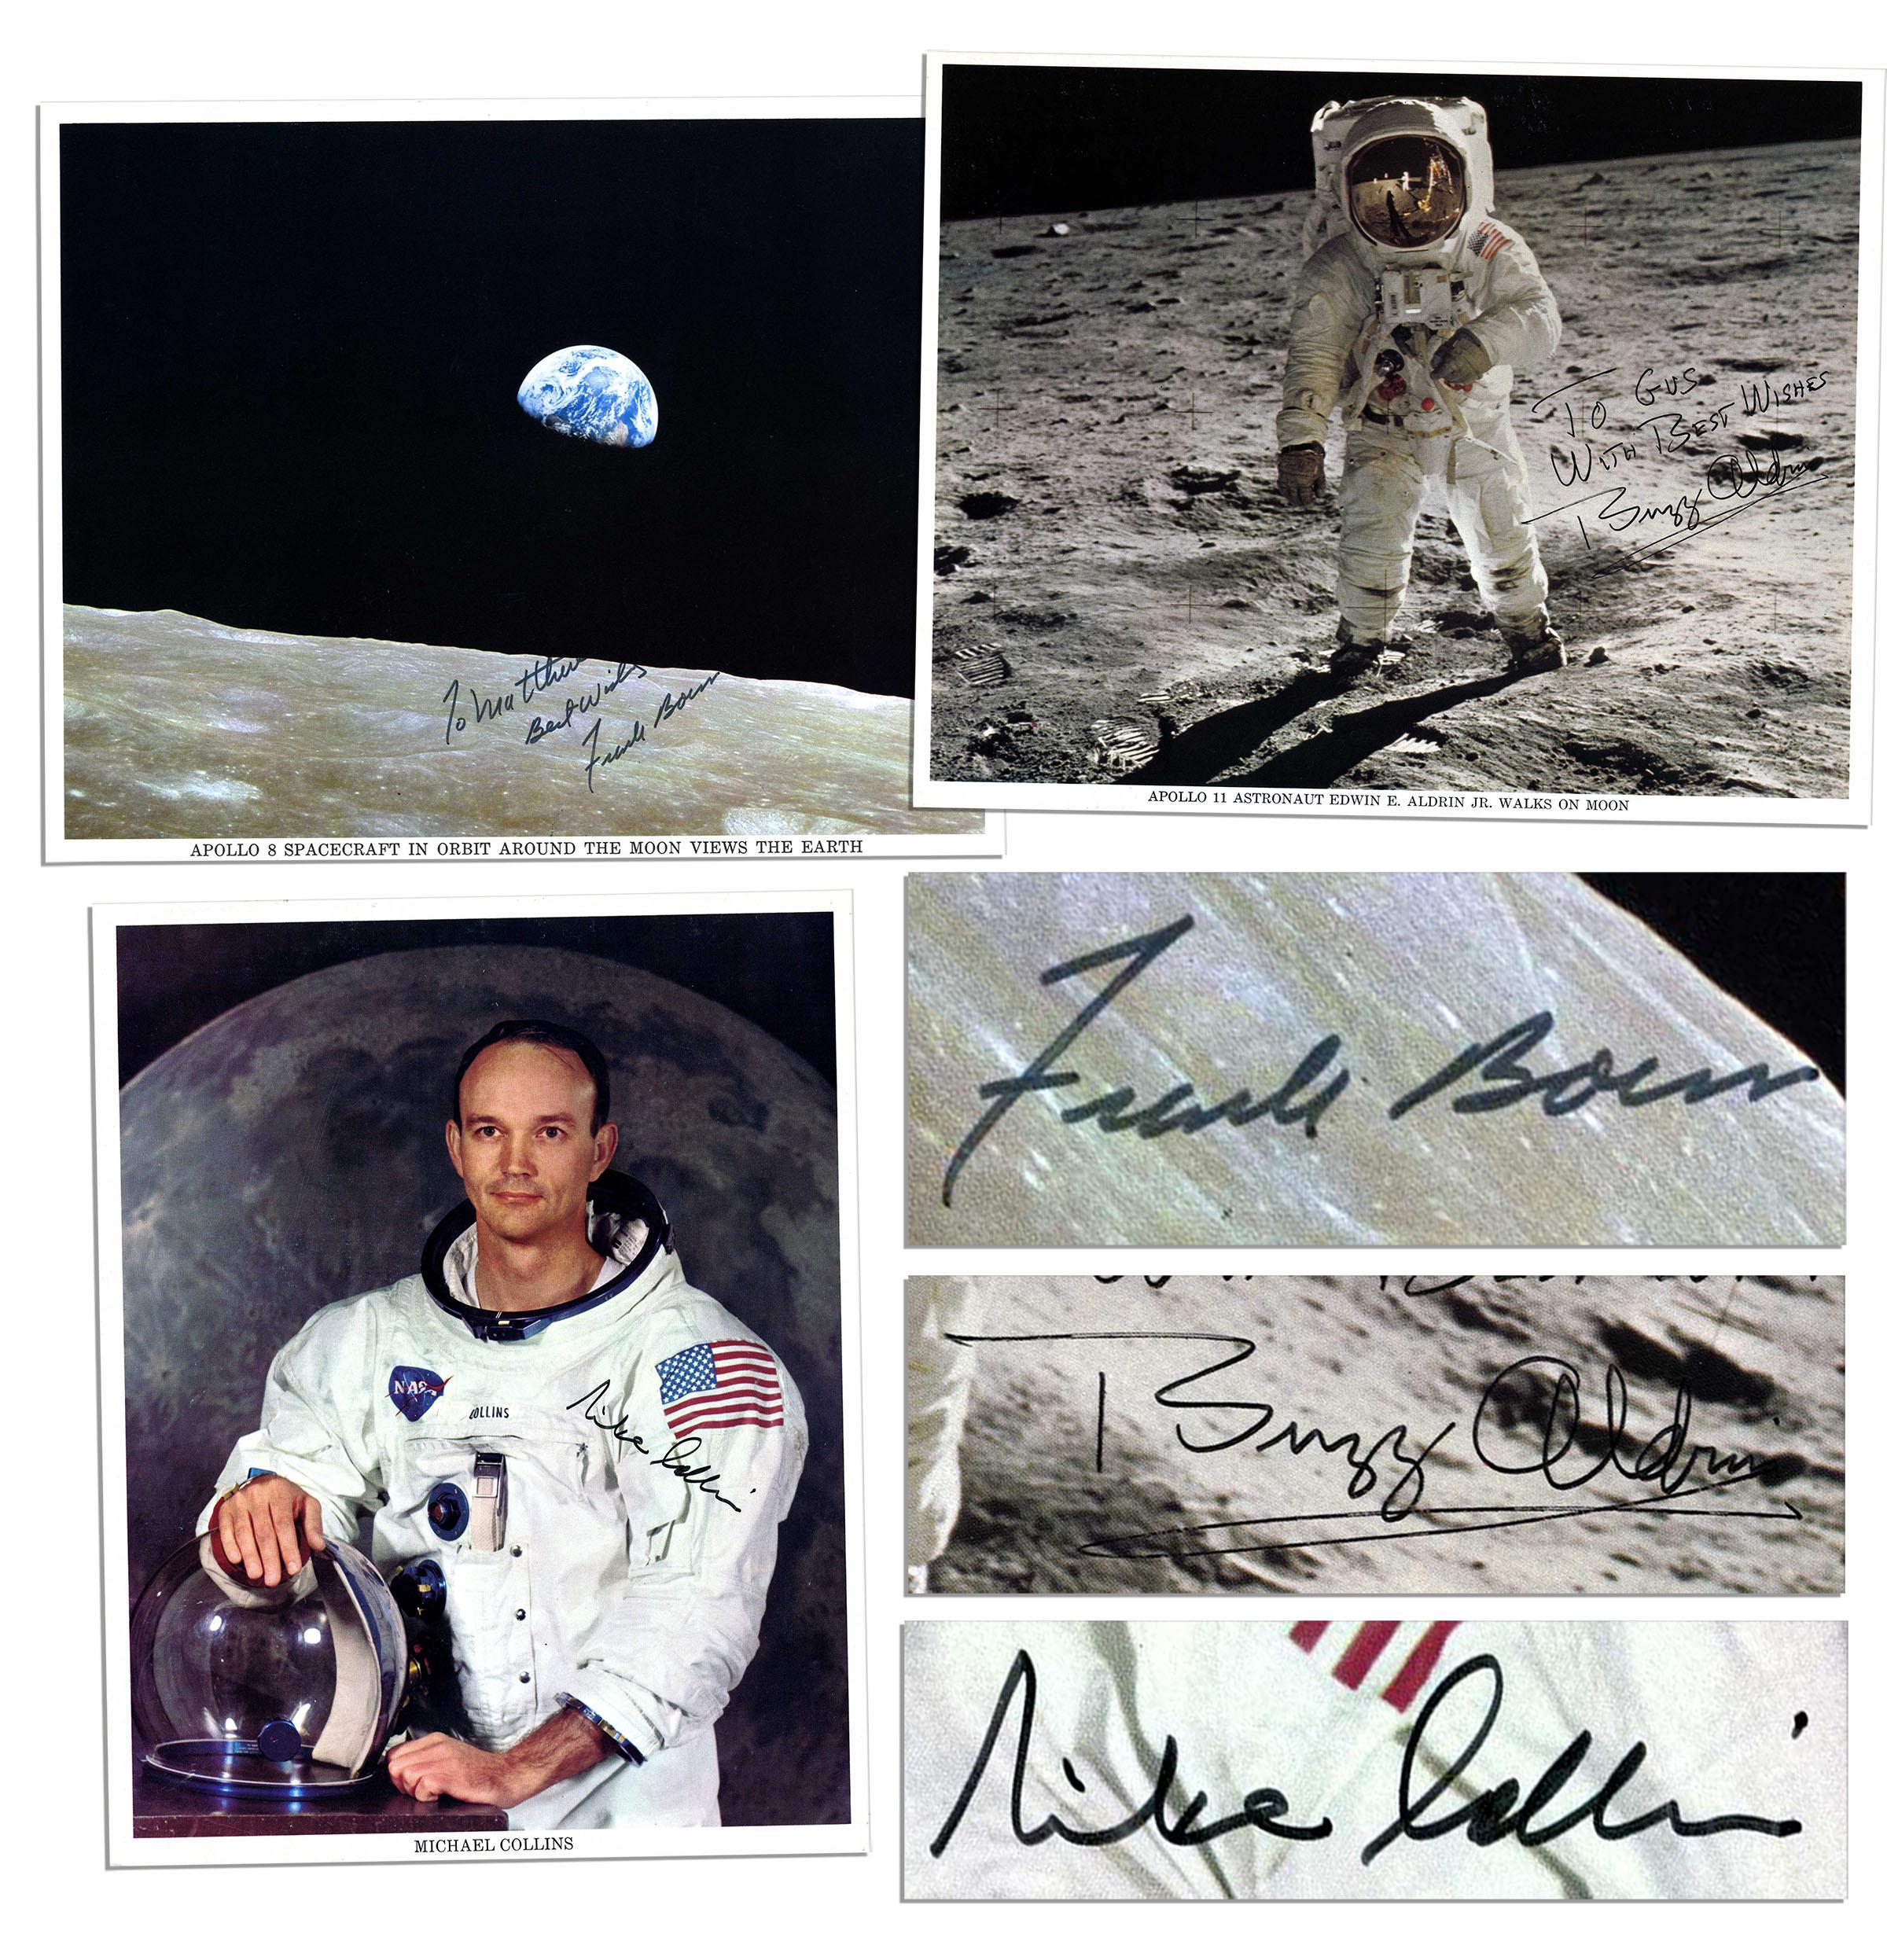 michael collins astronaut death - photo #34